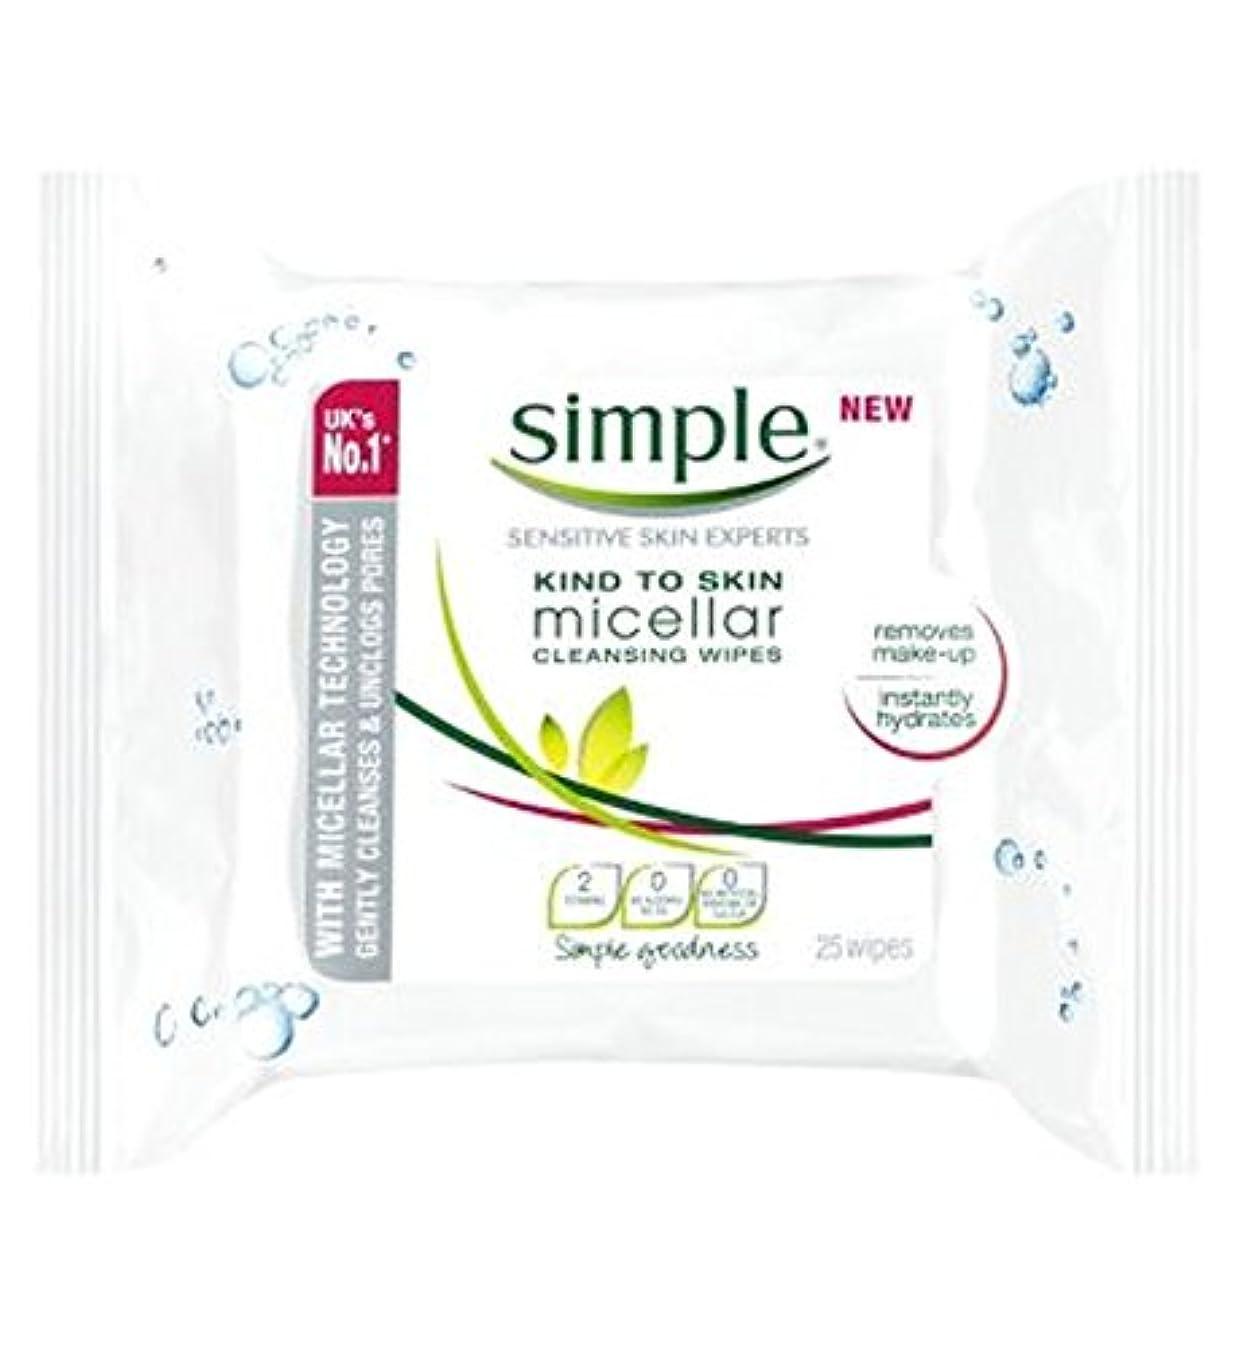 氷証明パトロンSimple Kind To Skin Micellar Cleansing Wipes - 25 wipes - 皮膚ミセルクレンジングへの単純な種類がワイプ - 25ワイプ (Simple) [並行輸入品]